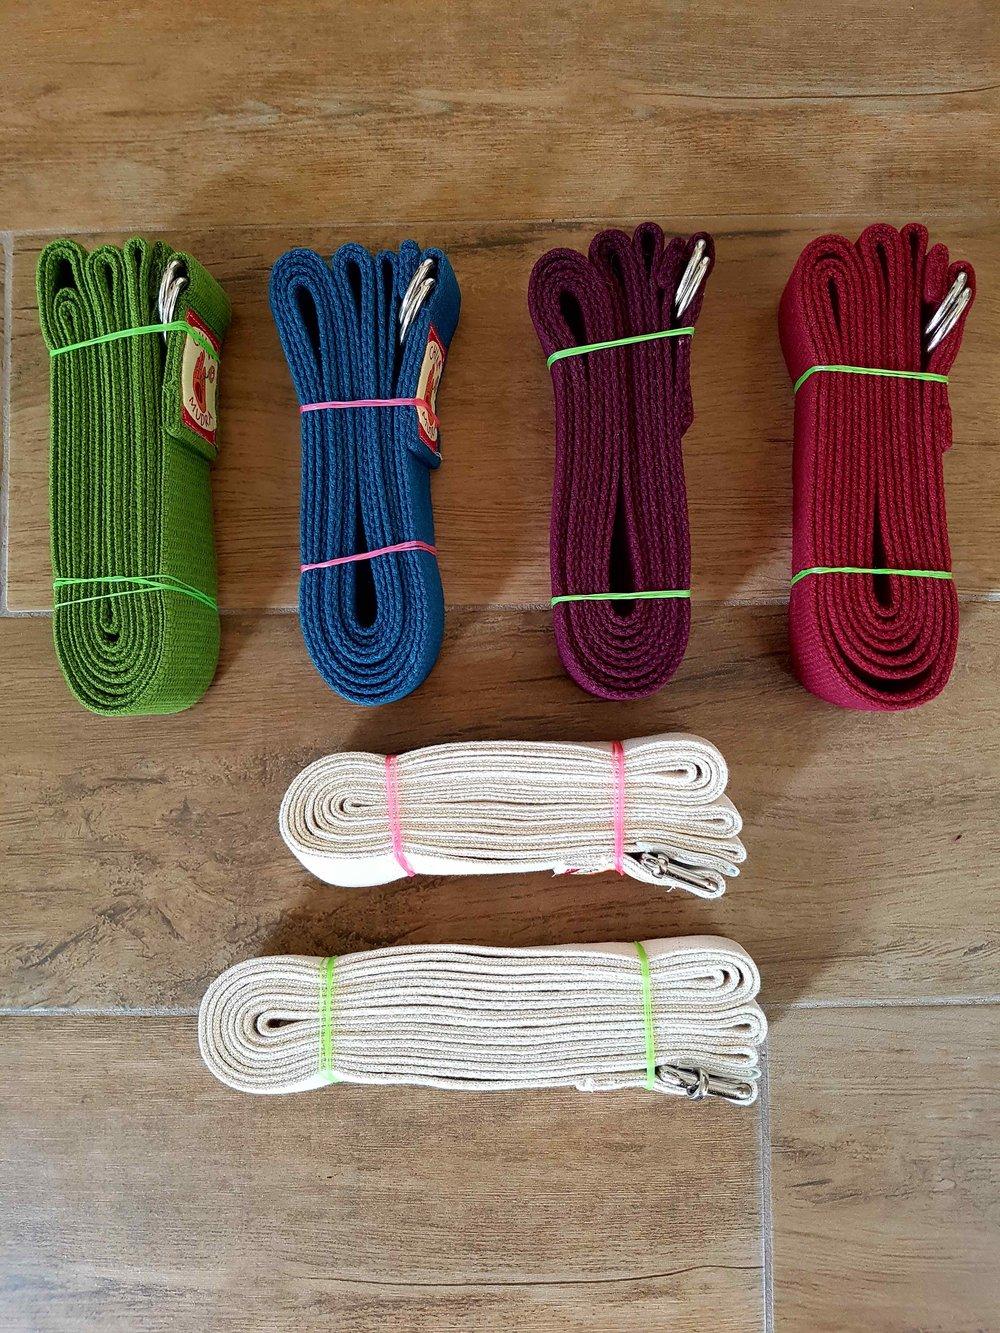 Sangles à boucle - Sangle de yoga 13€ TTC100% coton issu de l'agriculture biologique certifié par SKAL* de haute qualité, permet une prise vigoureuse. Cette sangle de yoga se boucle et s'ajuste facilement.vert bambou / bleu lagon / bordeaux / prune / écrue 250 cm de longécrue XL 300cm de long